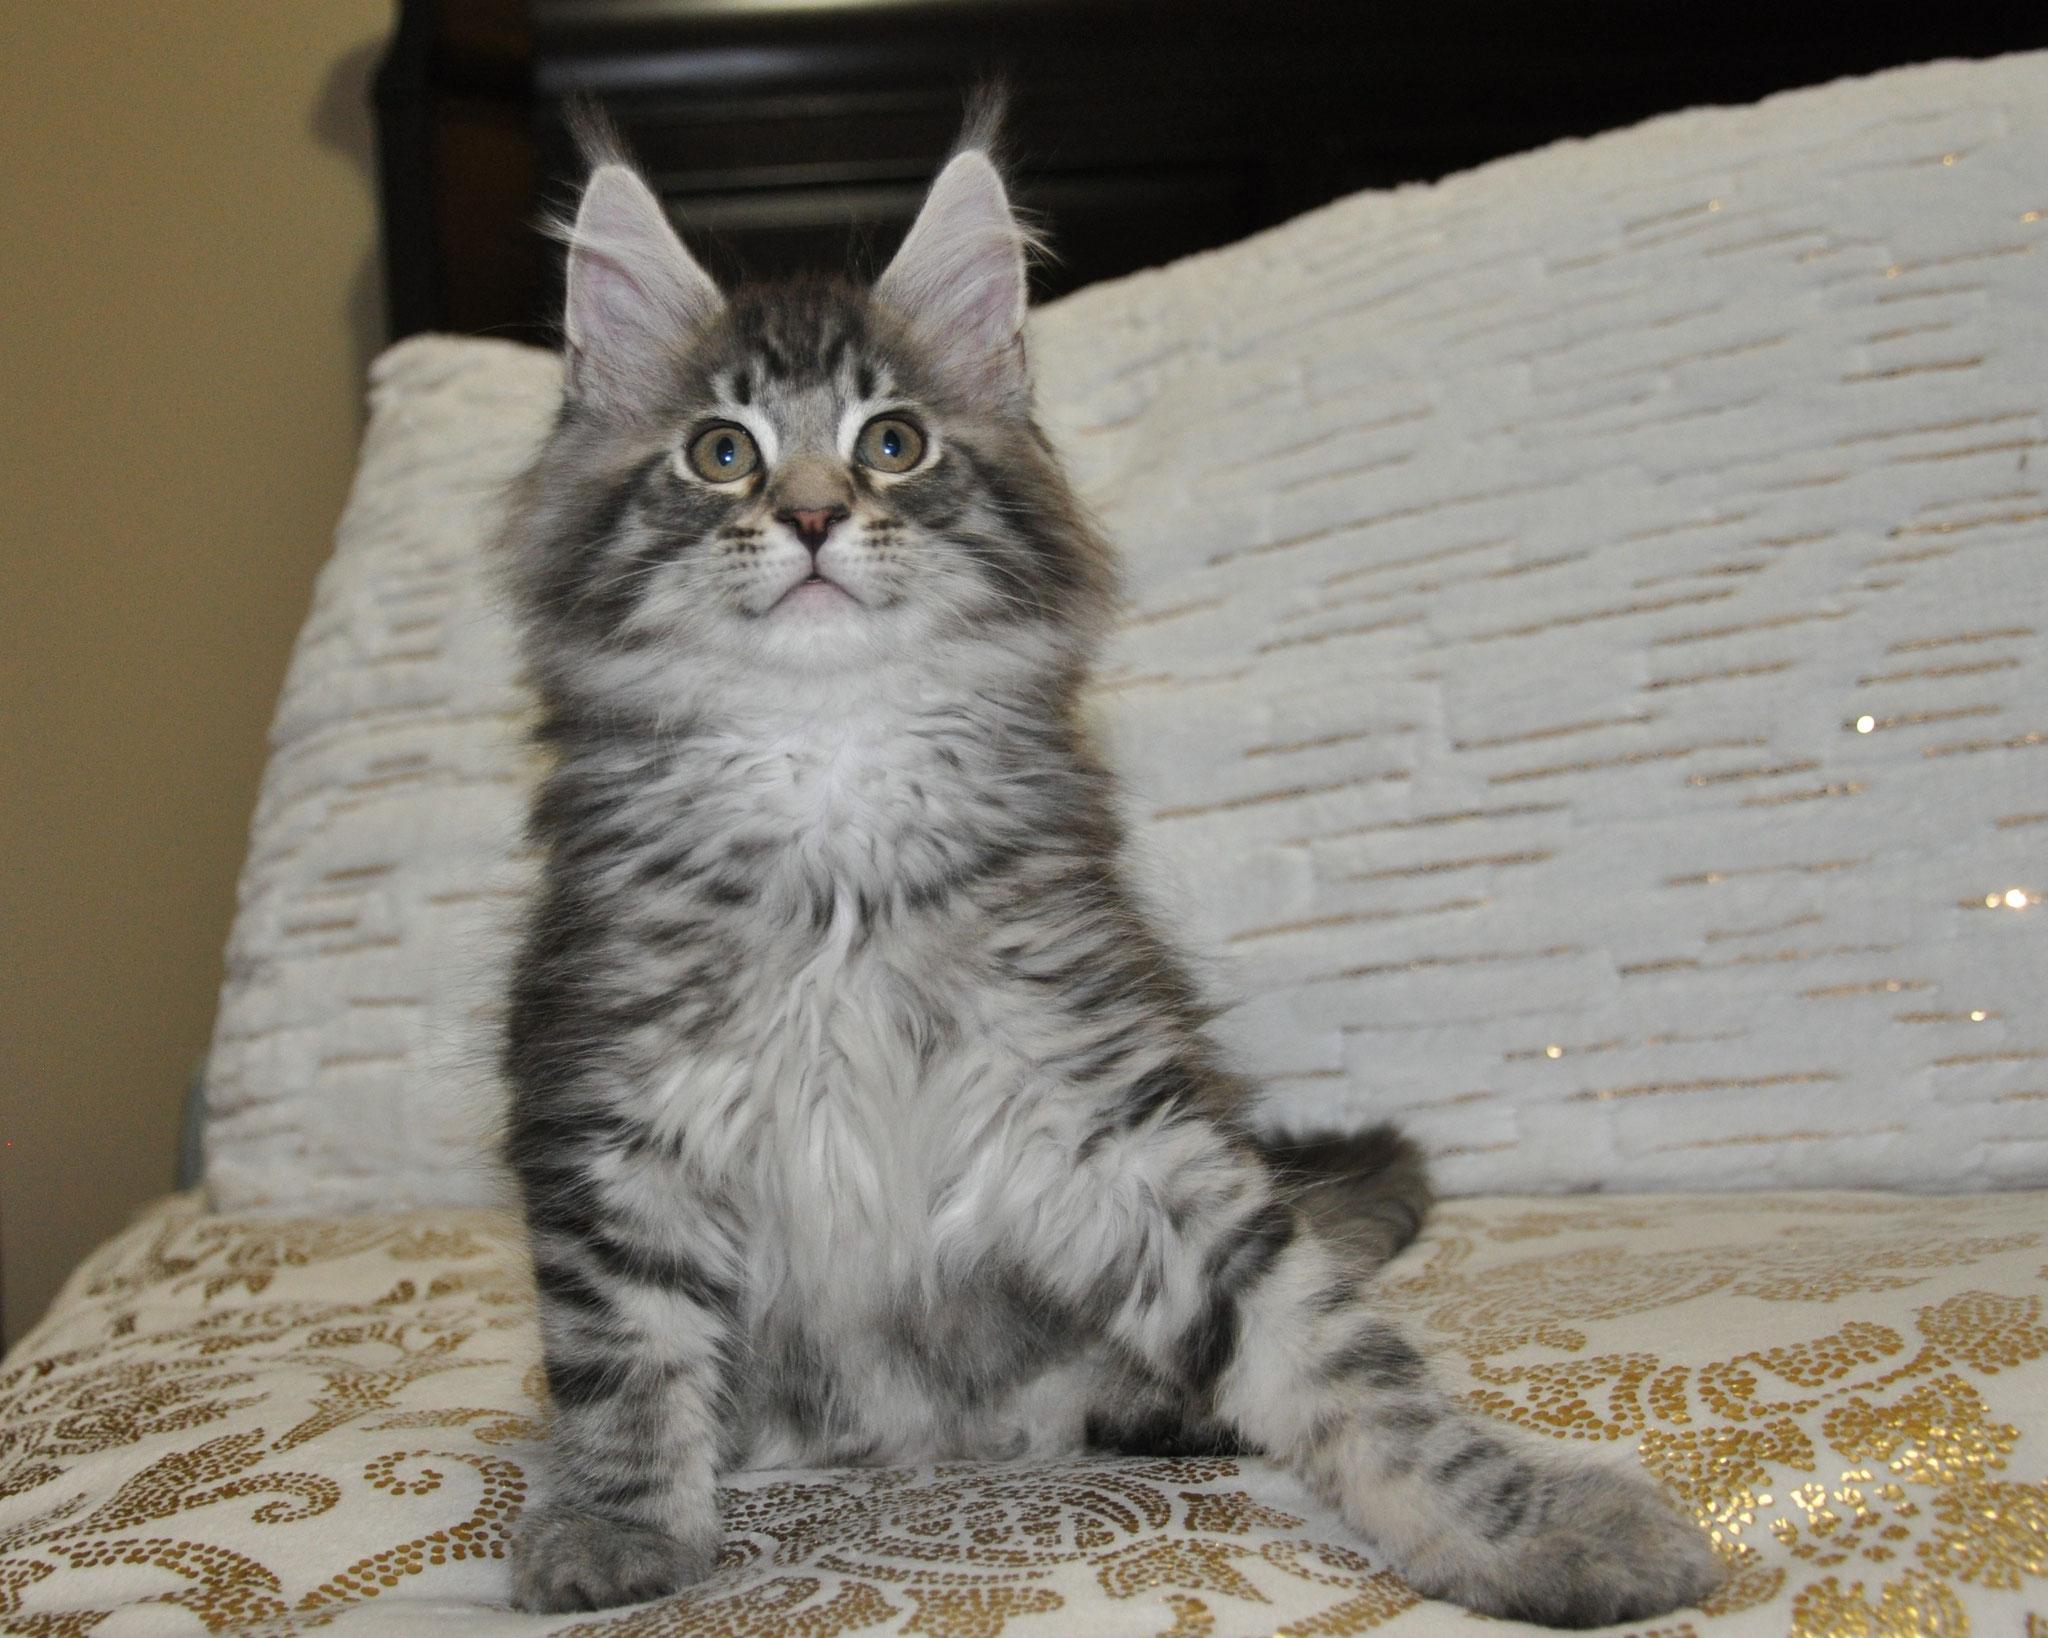 Ezra, 10 weeks